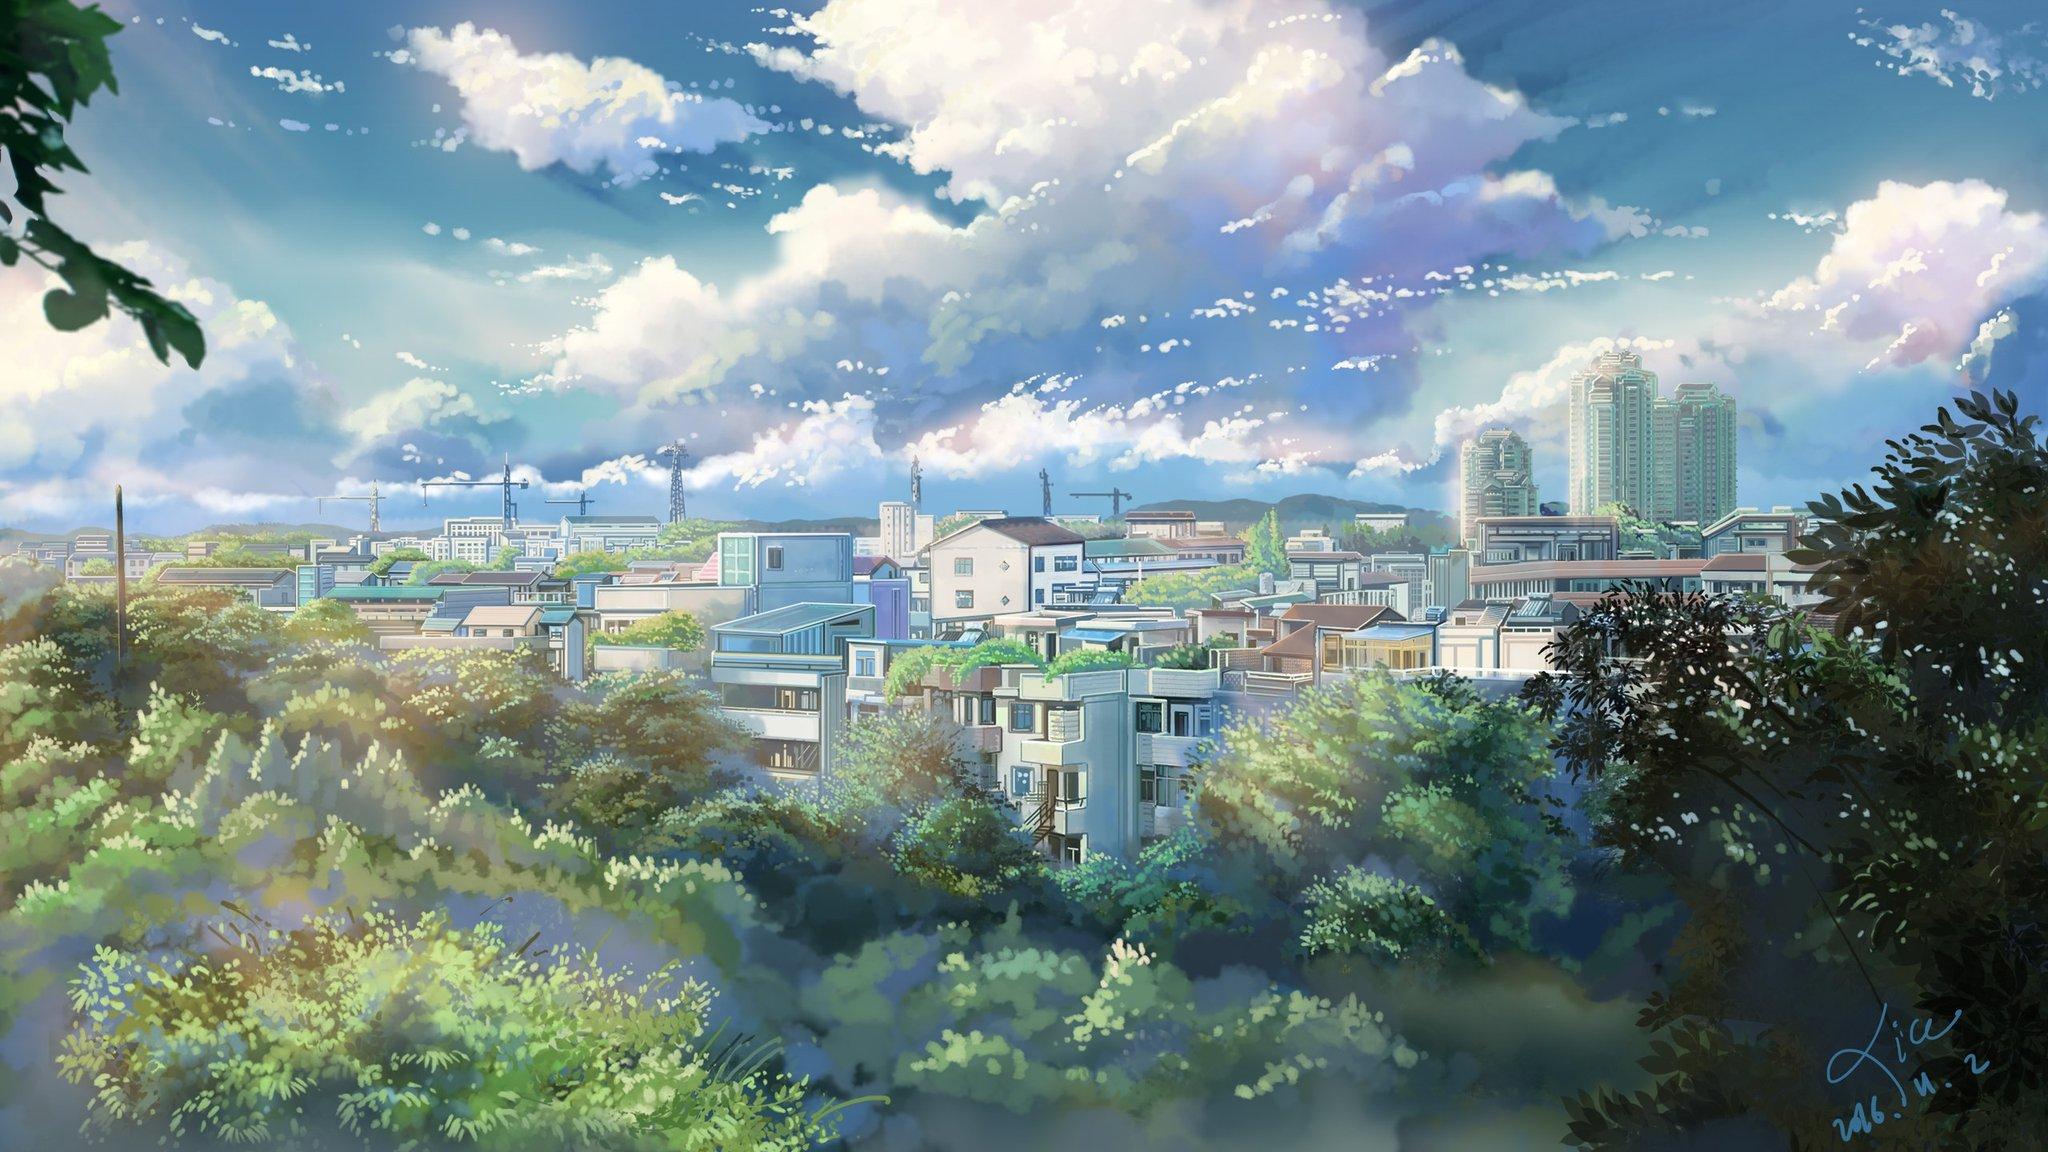 Солнечный город картинки на рабочий стол